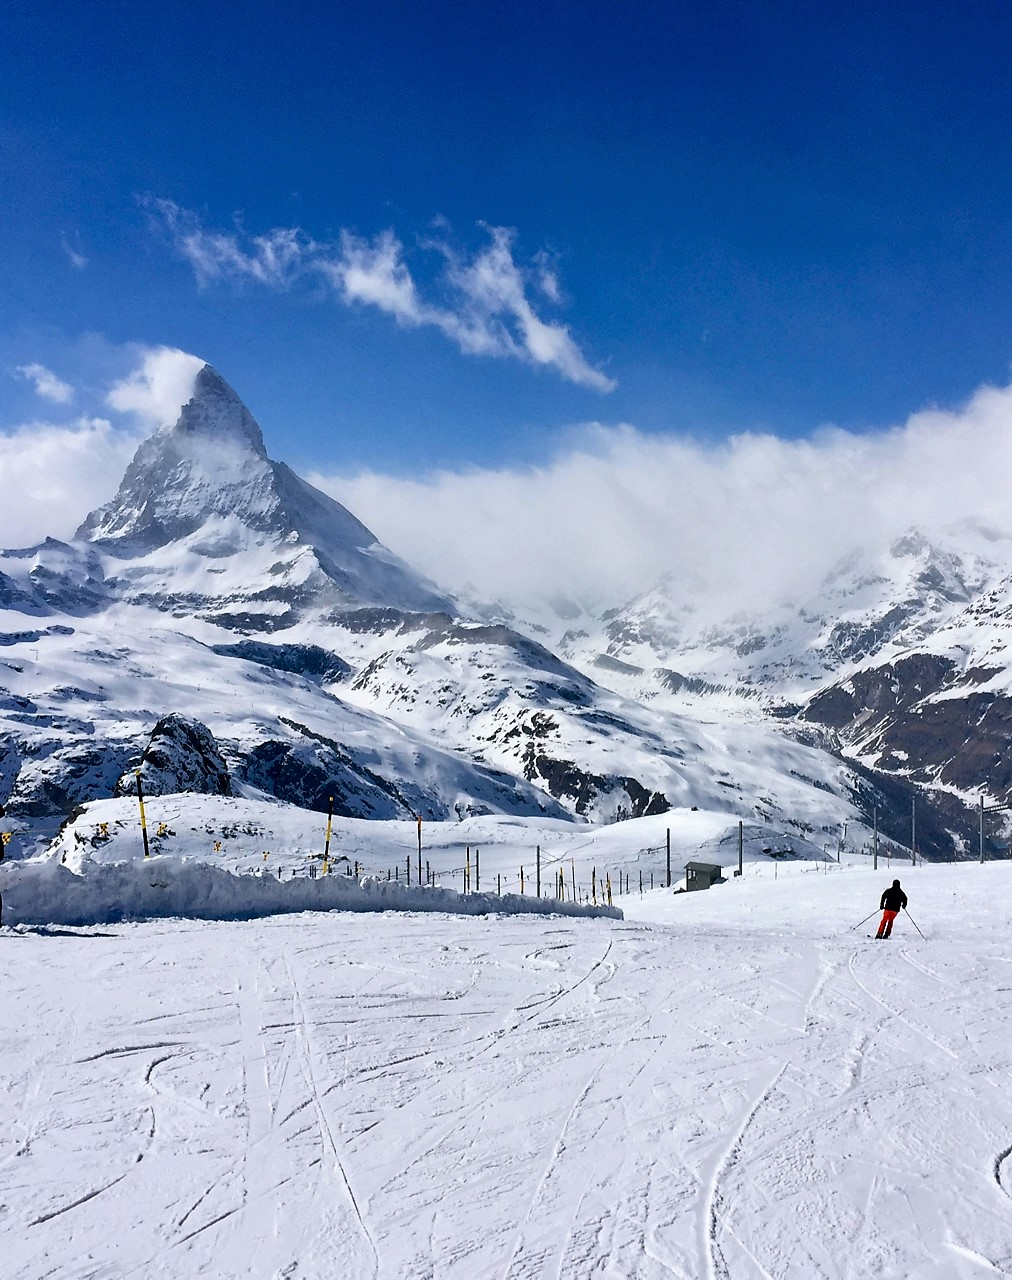 2015 Zermatt - 1 of 16 (5) (1).jpg